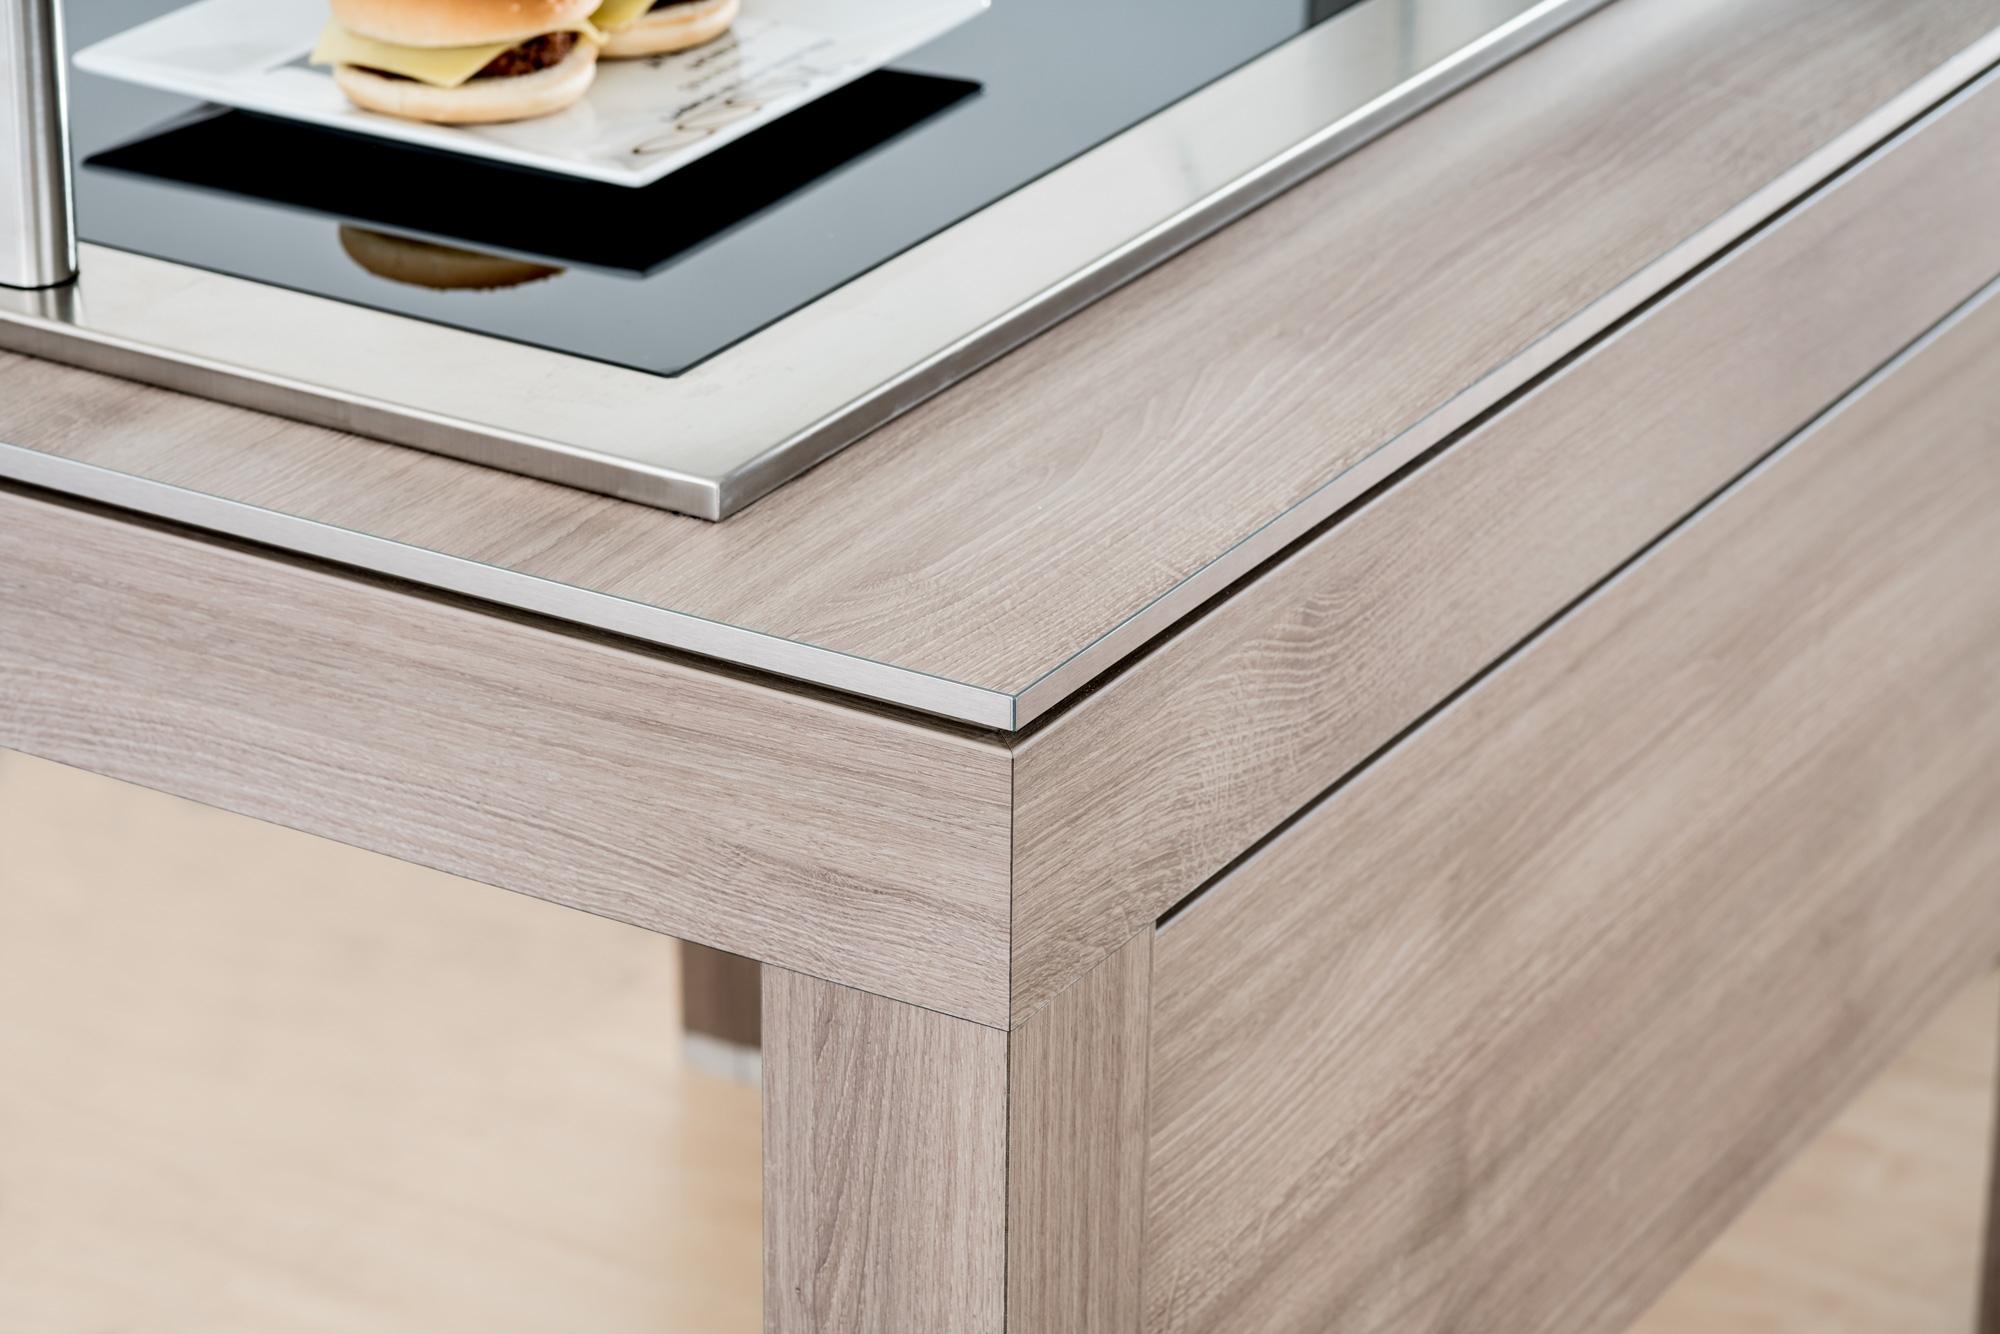 Scs Dining Furniture Within Well Liked Domino – Scs Srl – Mobili Cassa E Arredi Per La Grande Distribuzione (View 21 of 25)